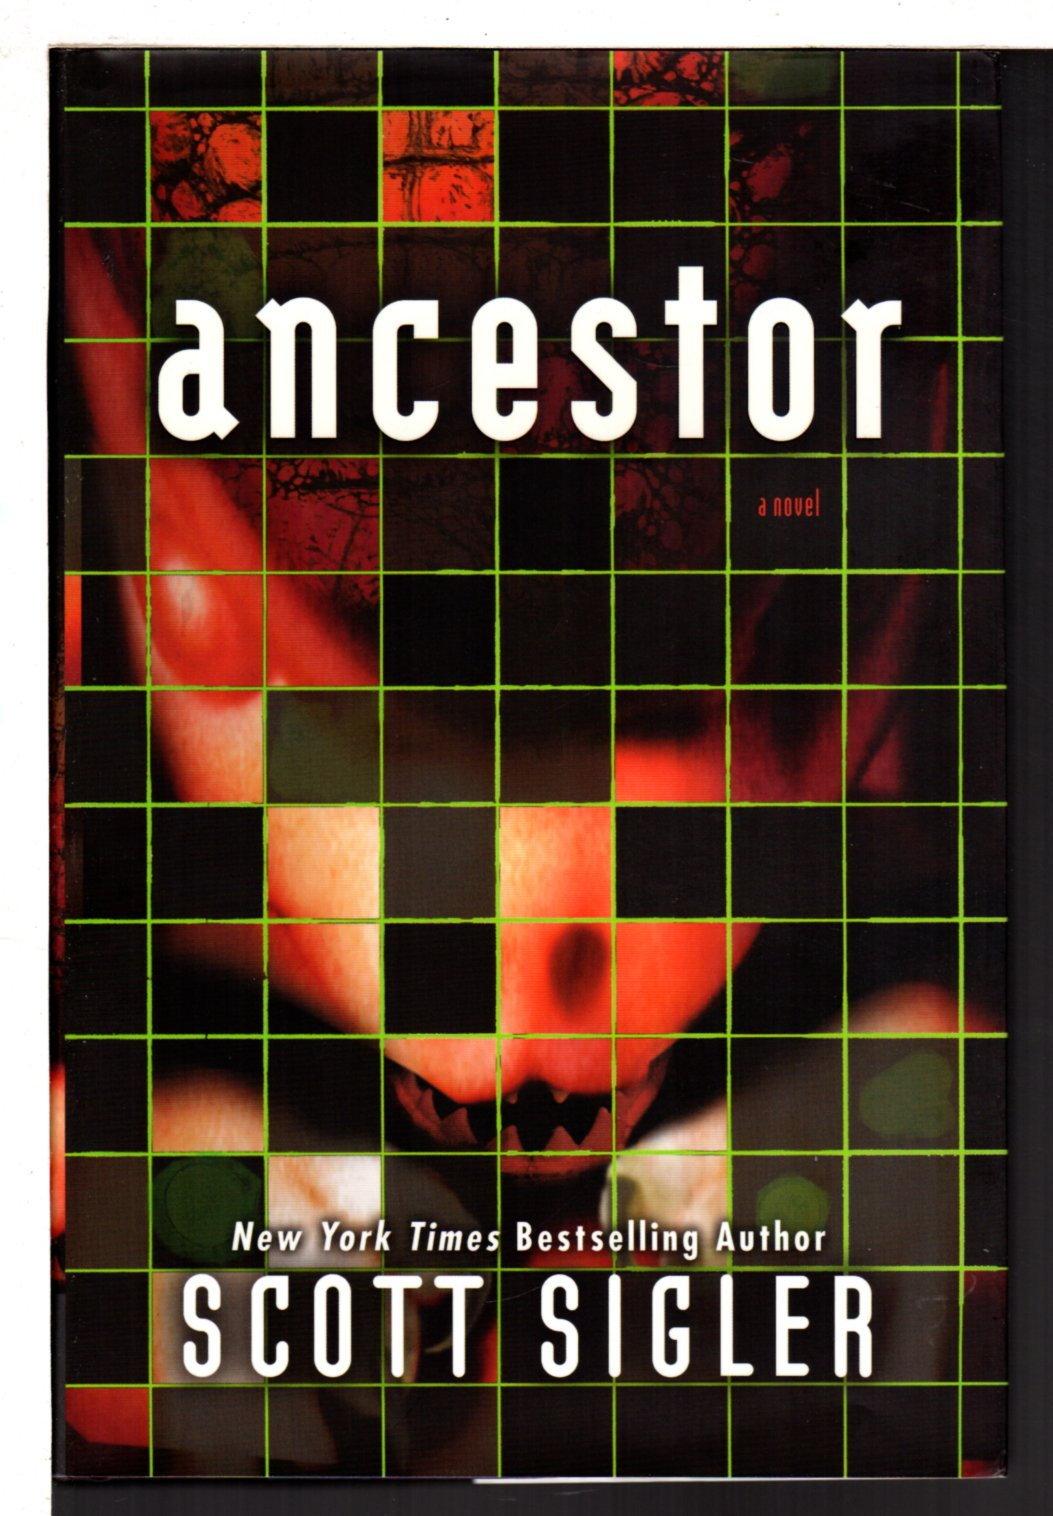 SIGLER, SCOTT. - ANCESTOR: A Novel